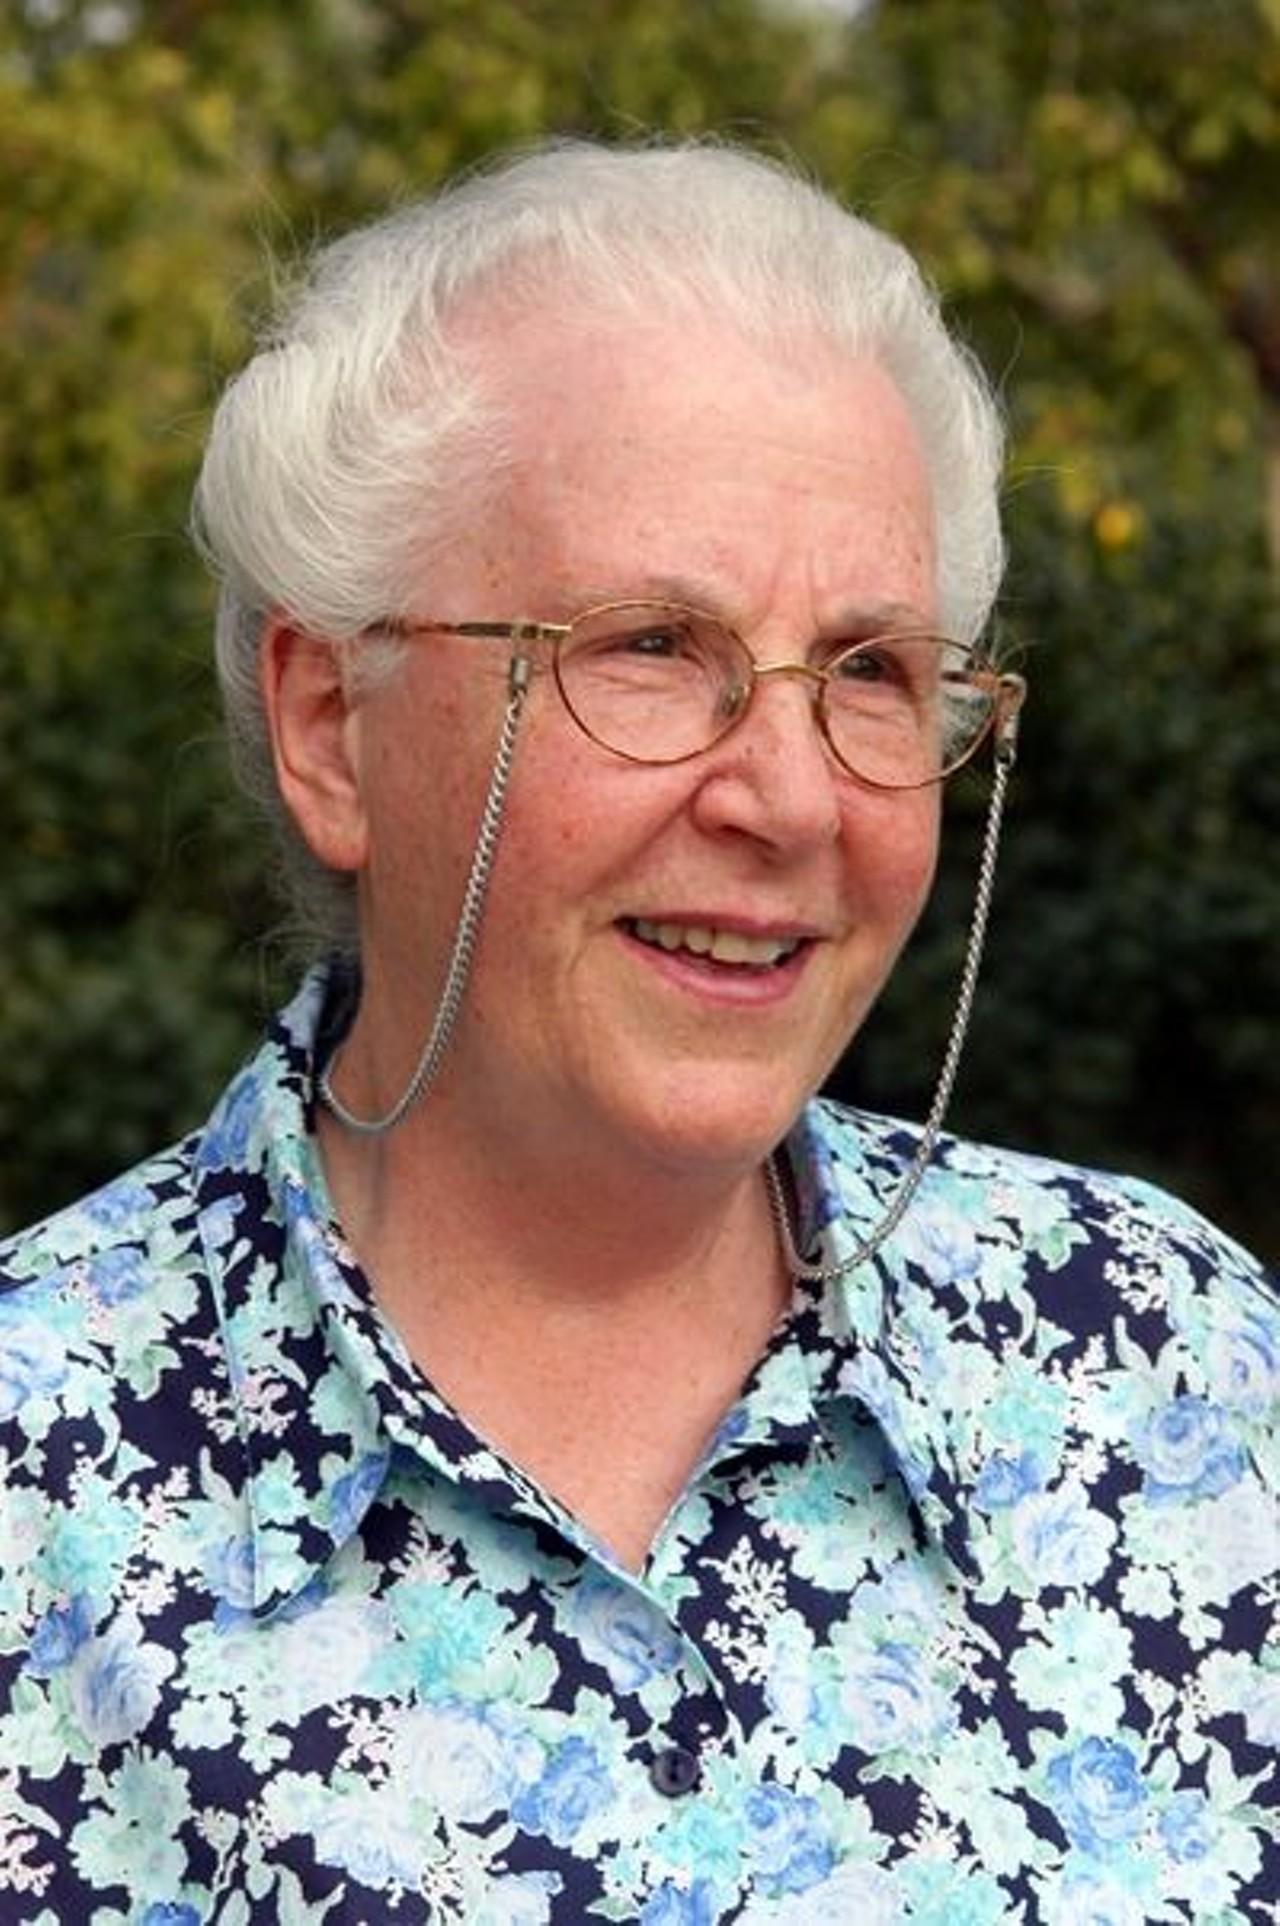 Sr. Sue Mosteller, CSJ